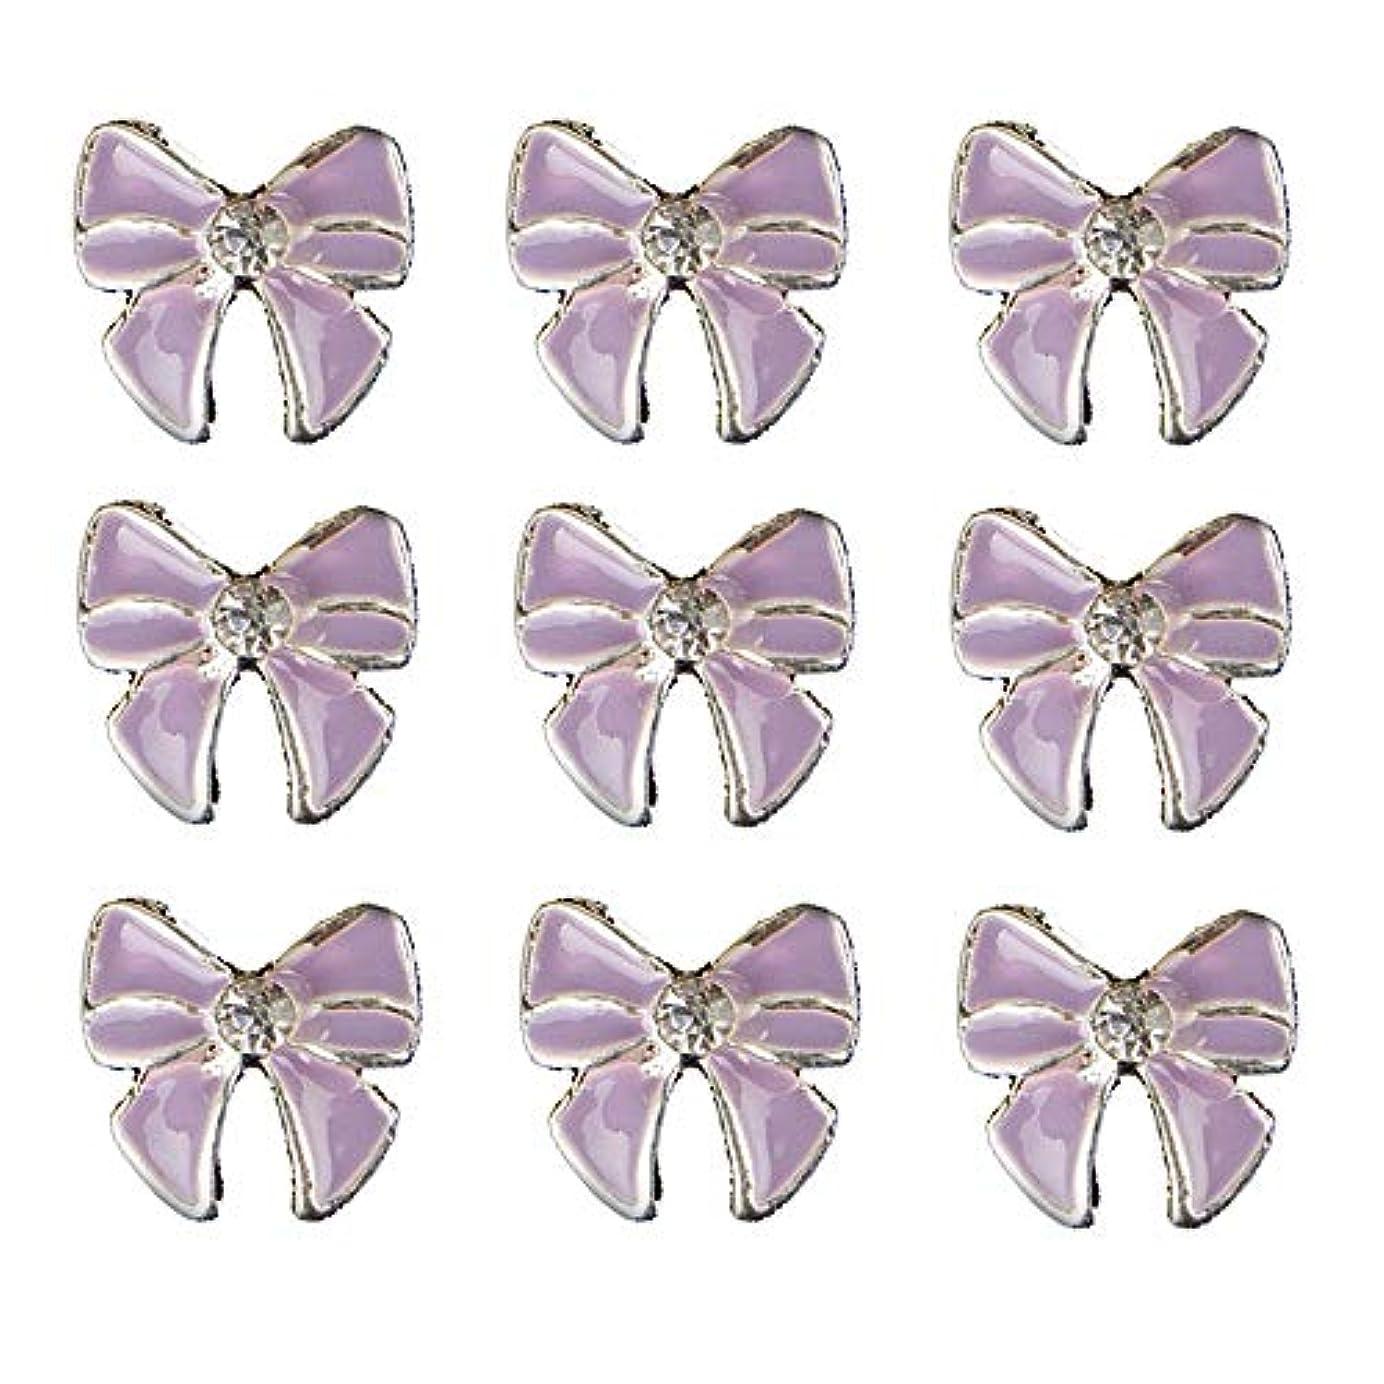 免除つかいますシールド10個入りの3Dネイル合金デコレーション紫蝶ネクタイのデザイングリッターラインストーンネイルのヒントステッカーネイルツール